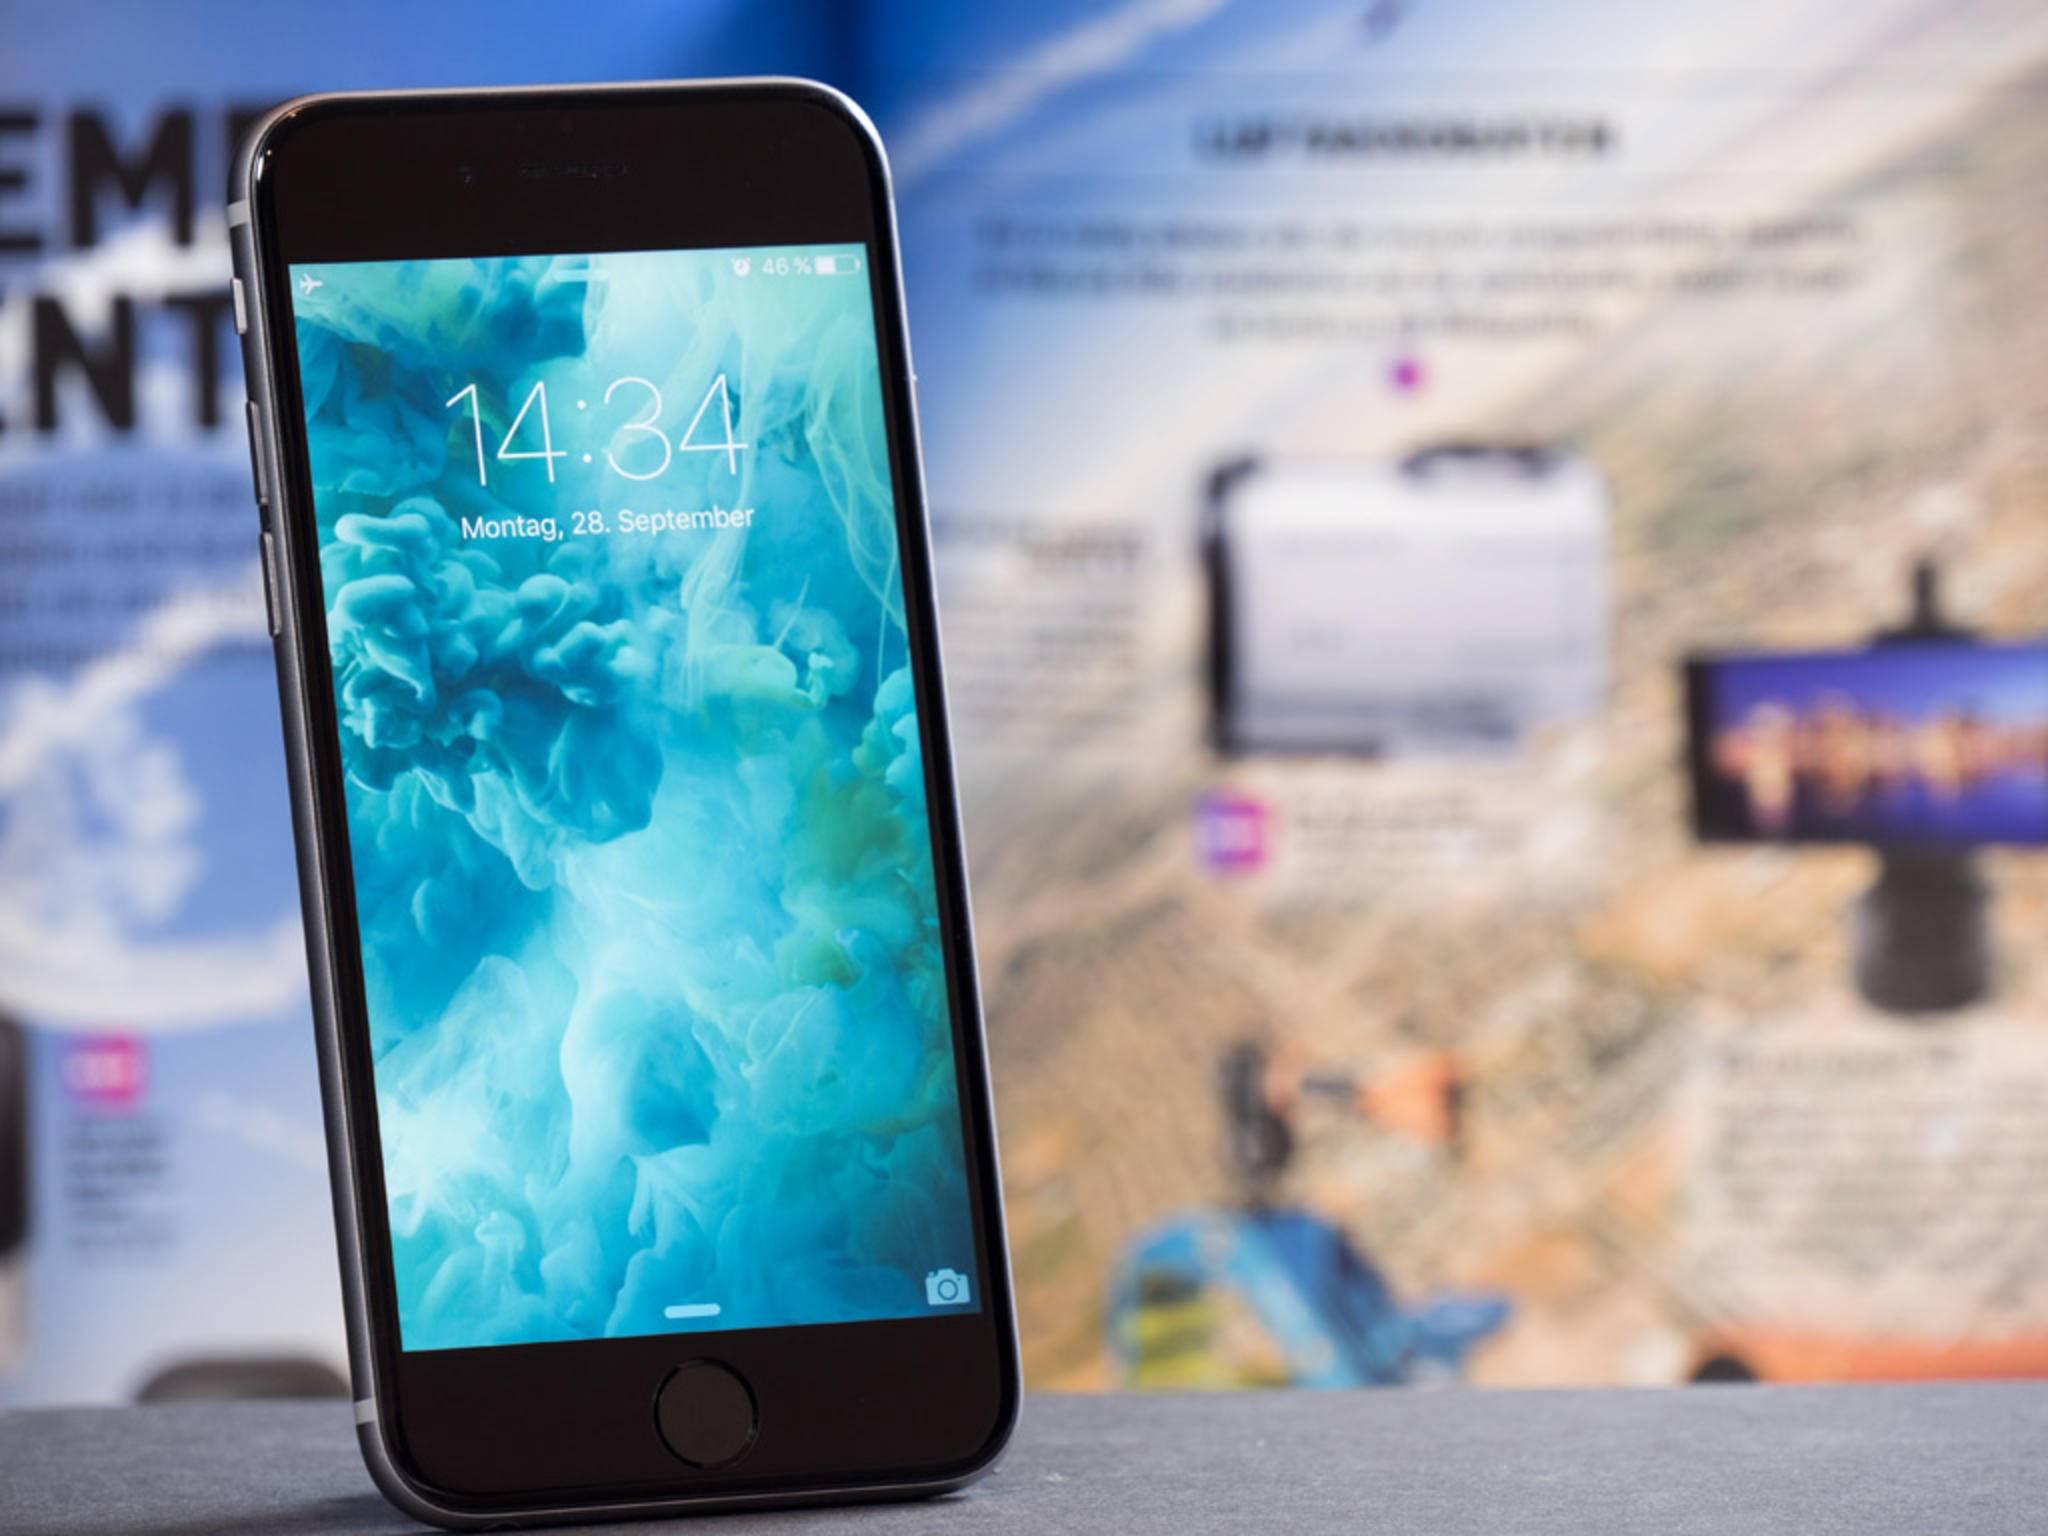 Das iPhone könnte künftig die optische Datenübertragung Li-Fi unterstützen.